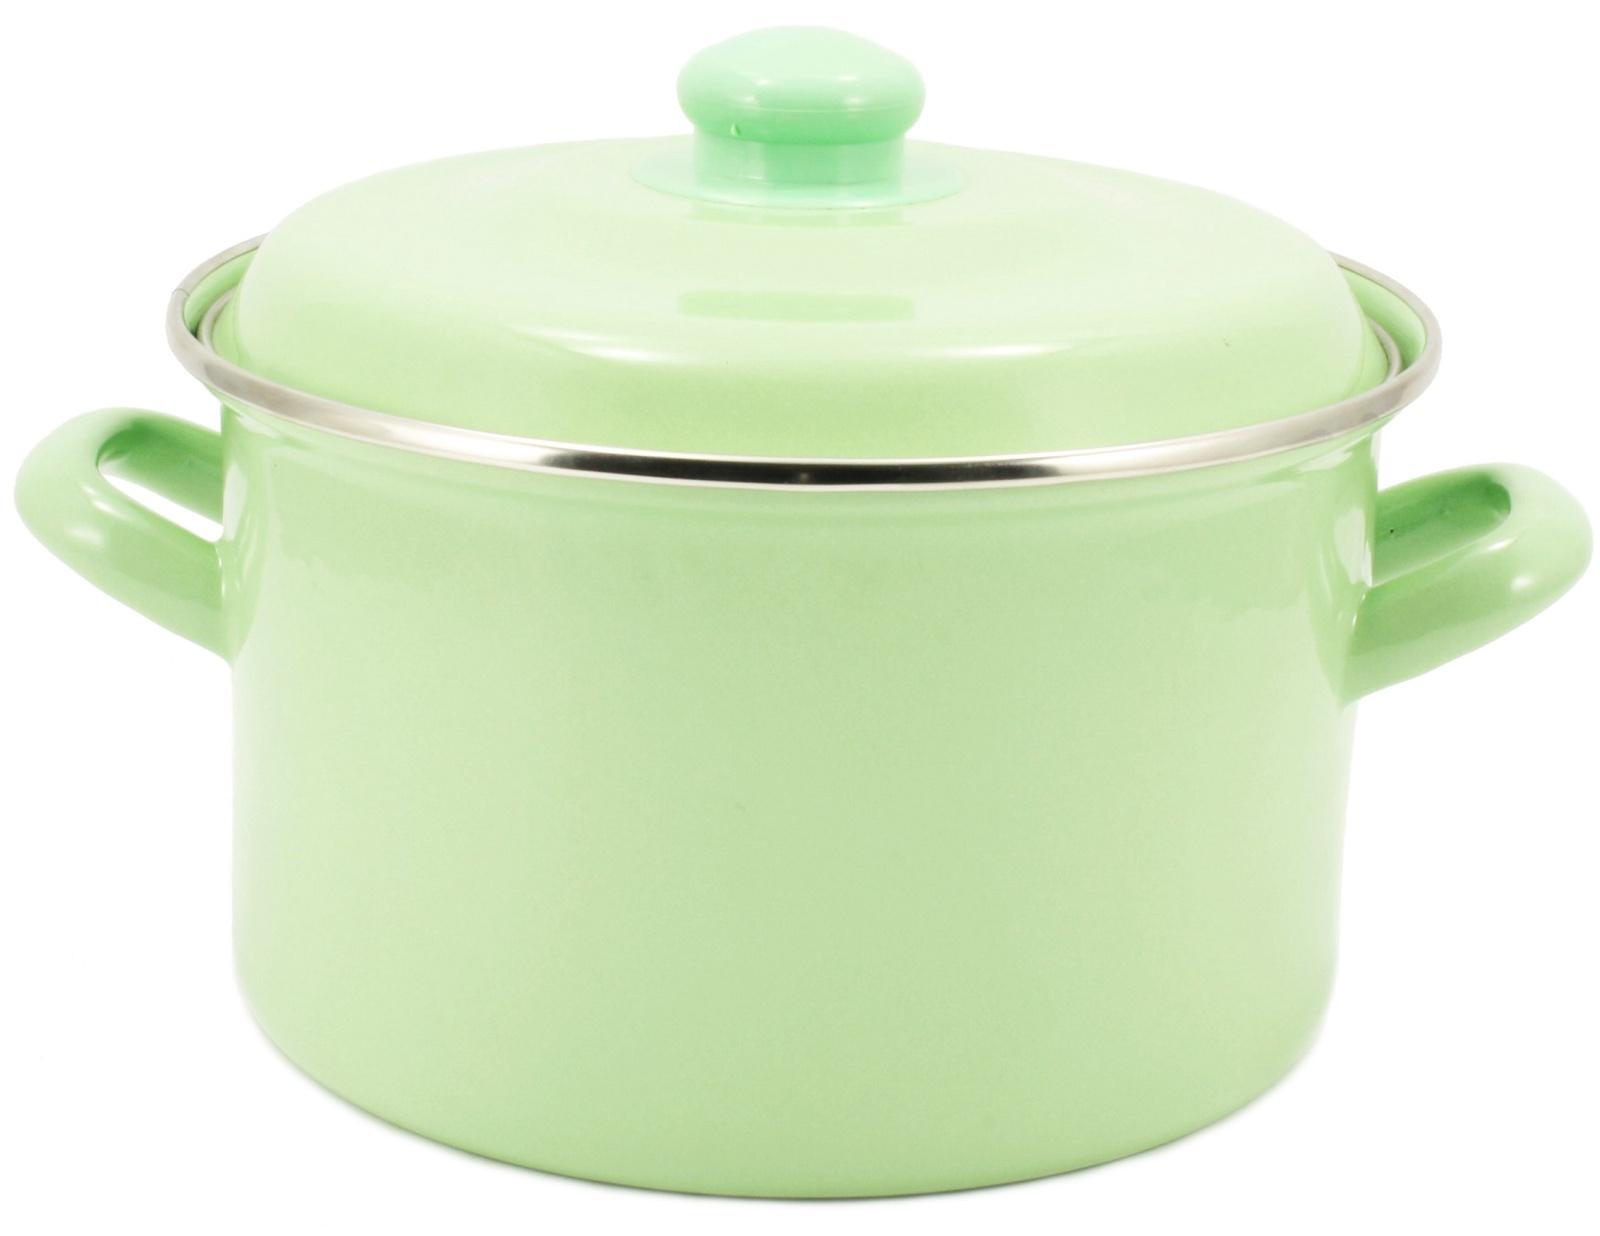 Фото - Кастрюля Interos МЯТА 2,6 литра с металлической крышкой, светло-зеленый посуда для приготовления пищи